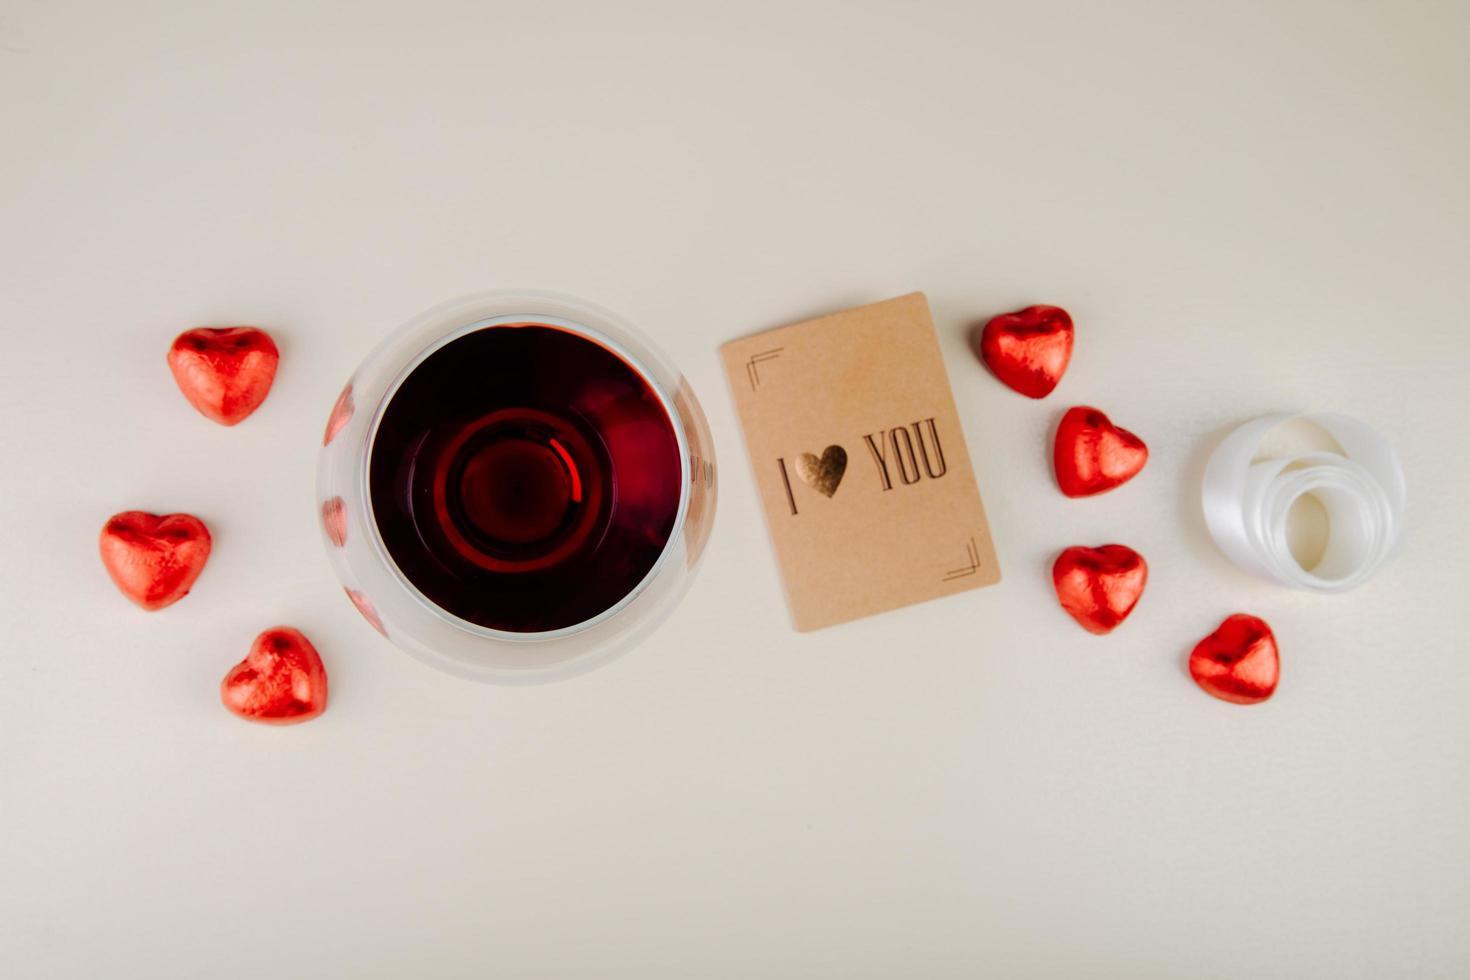 vista superior de uma taça de vinho com chocolates em forma de coração e um cartão foto